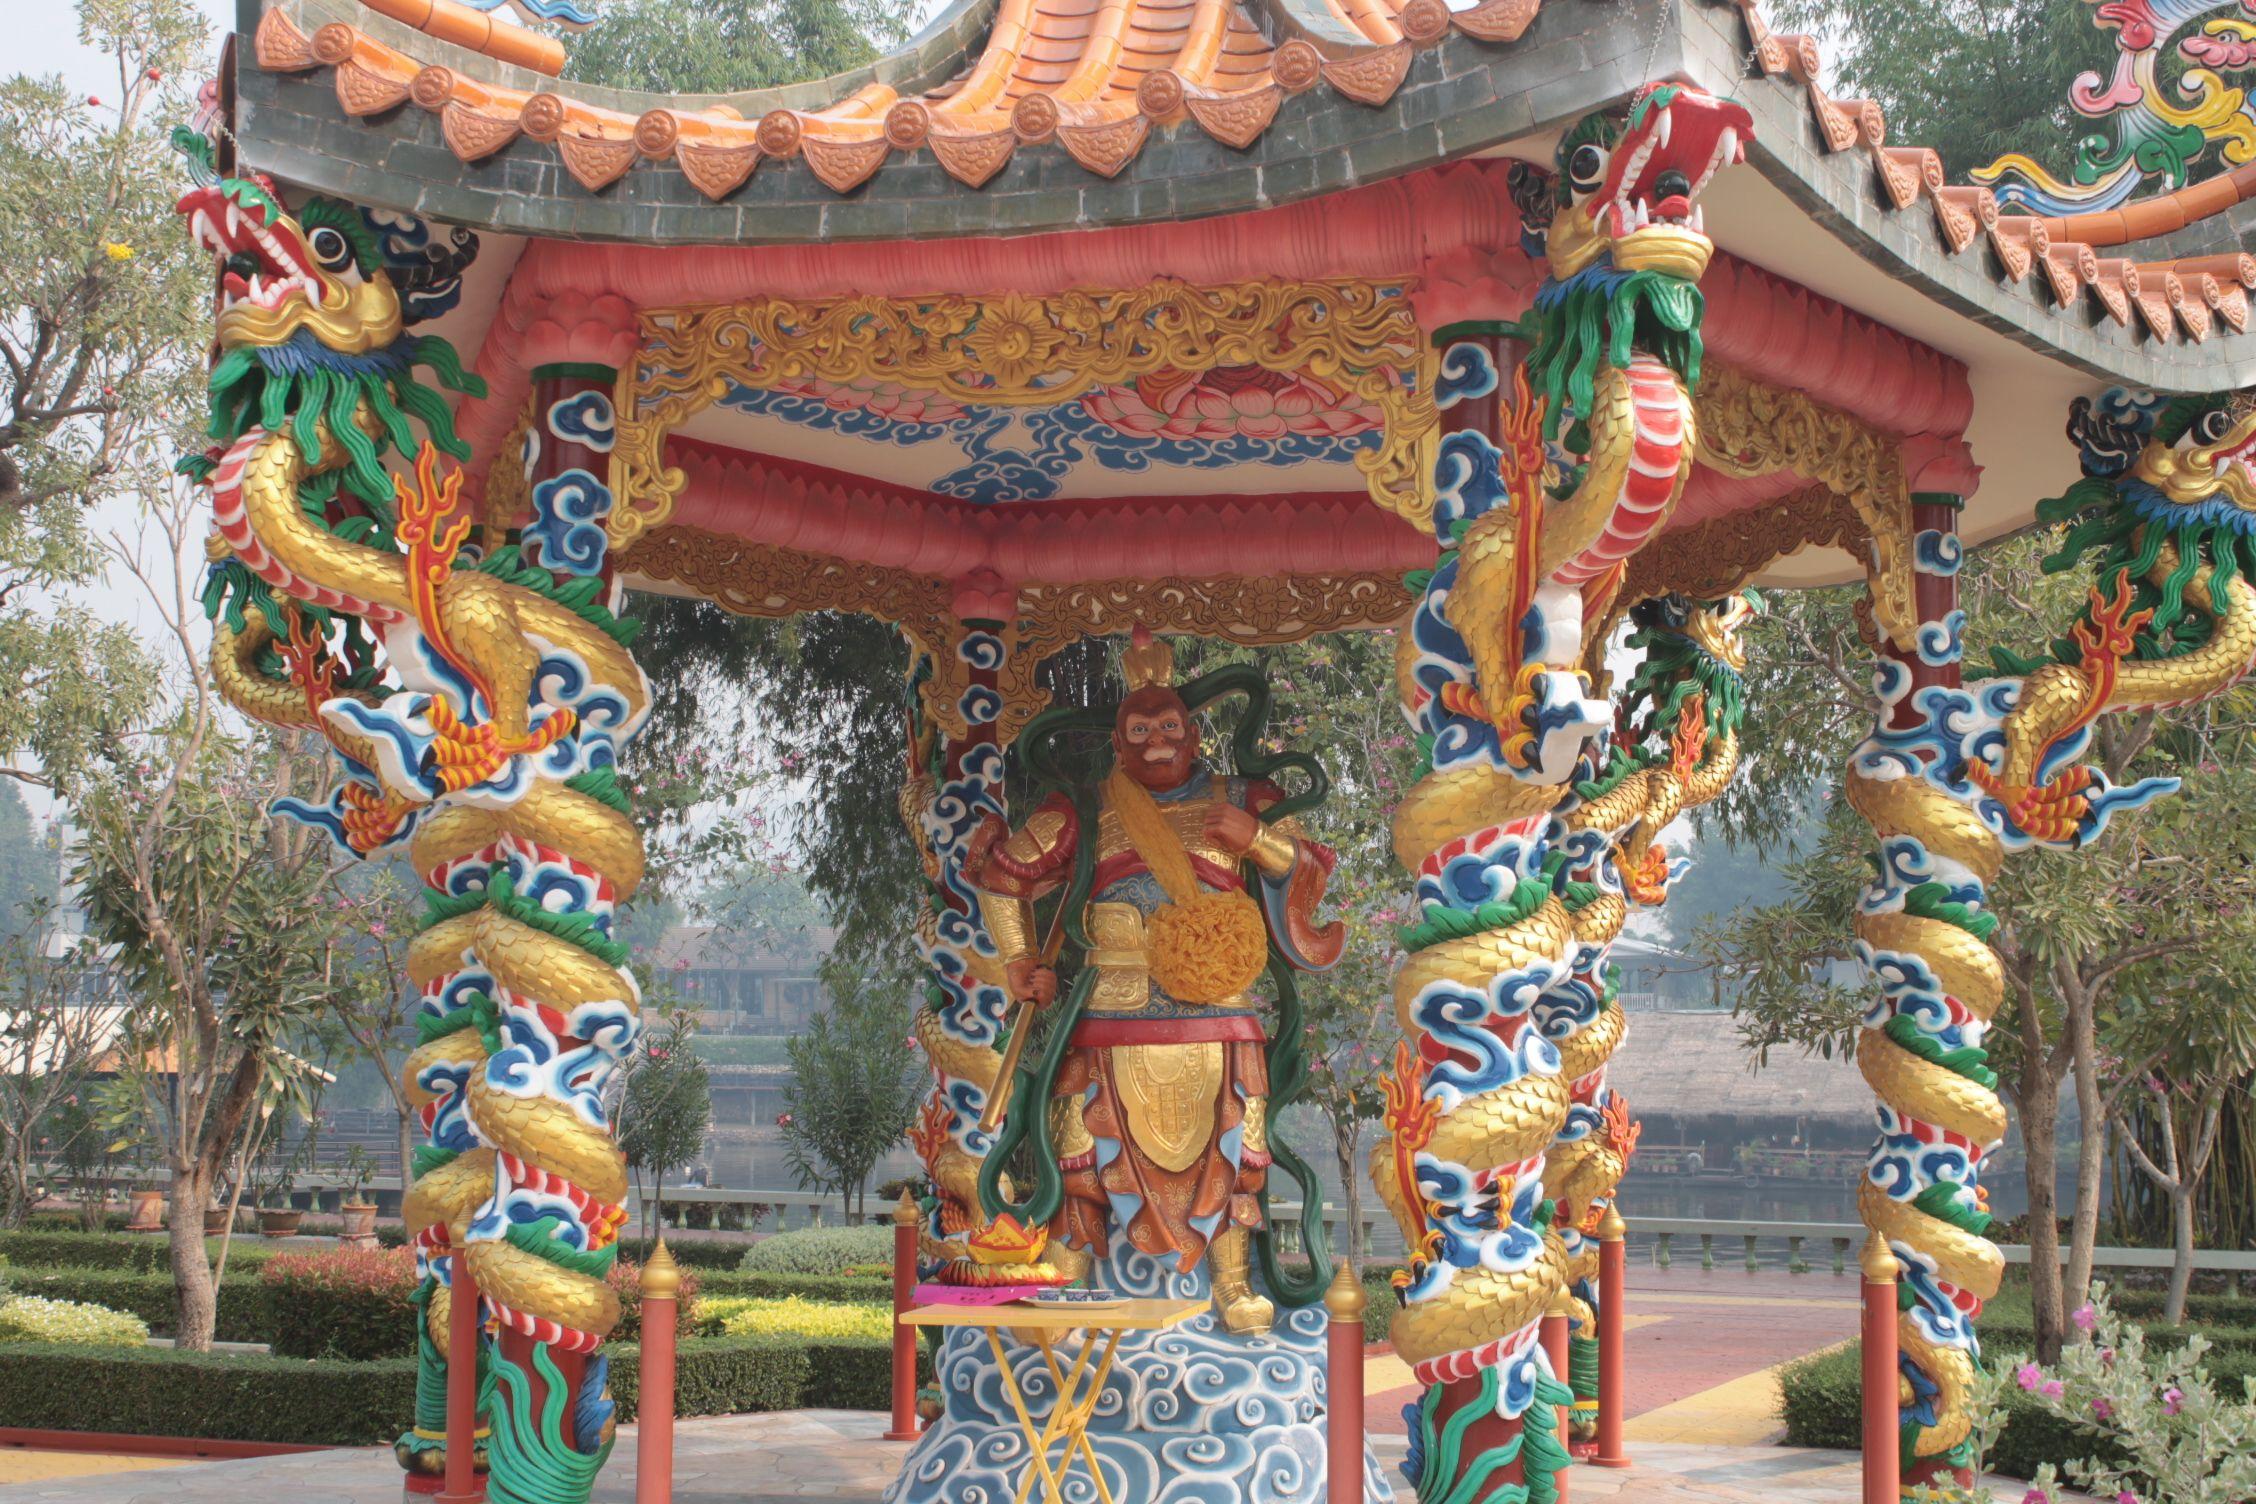 Rey mono en el templo Budista Chino al otro lado del río